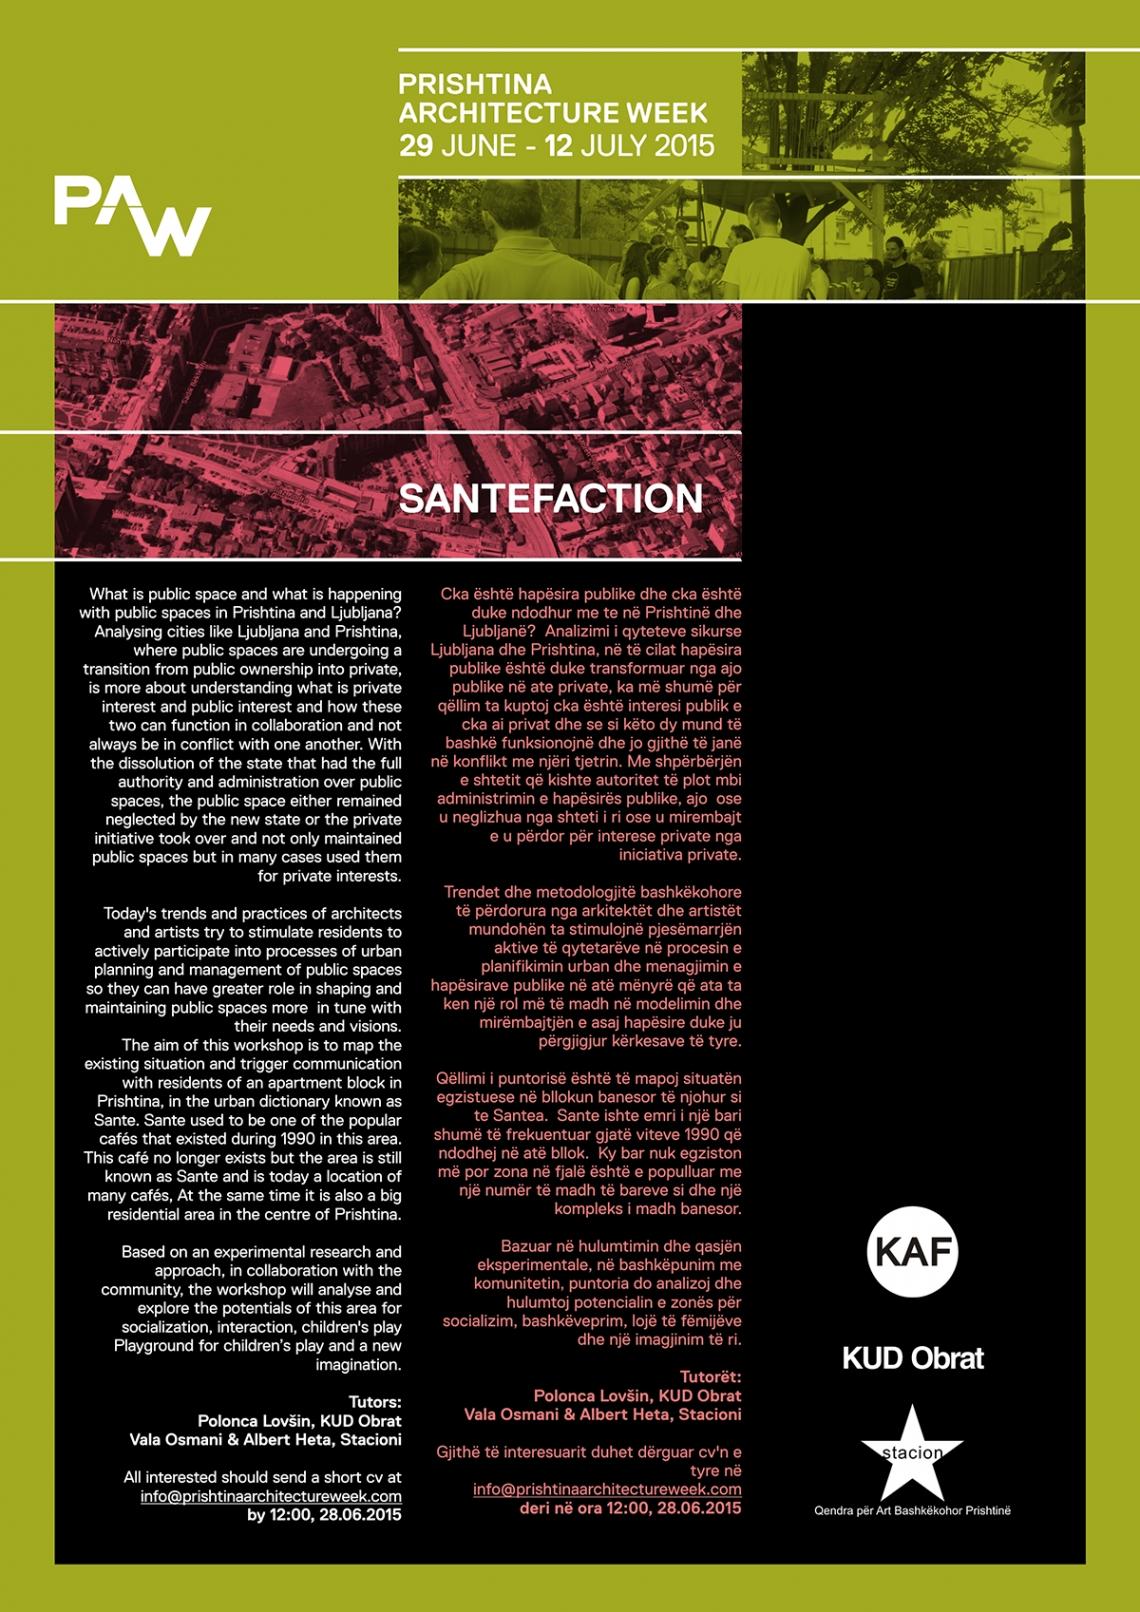 Santefaction